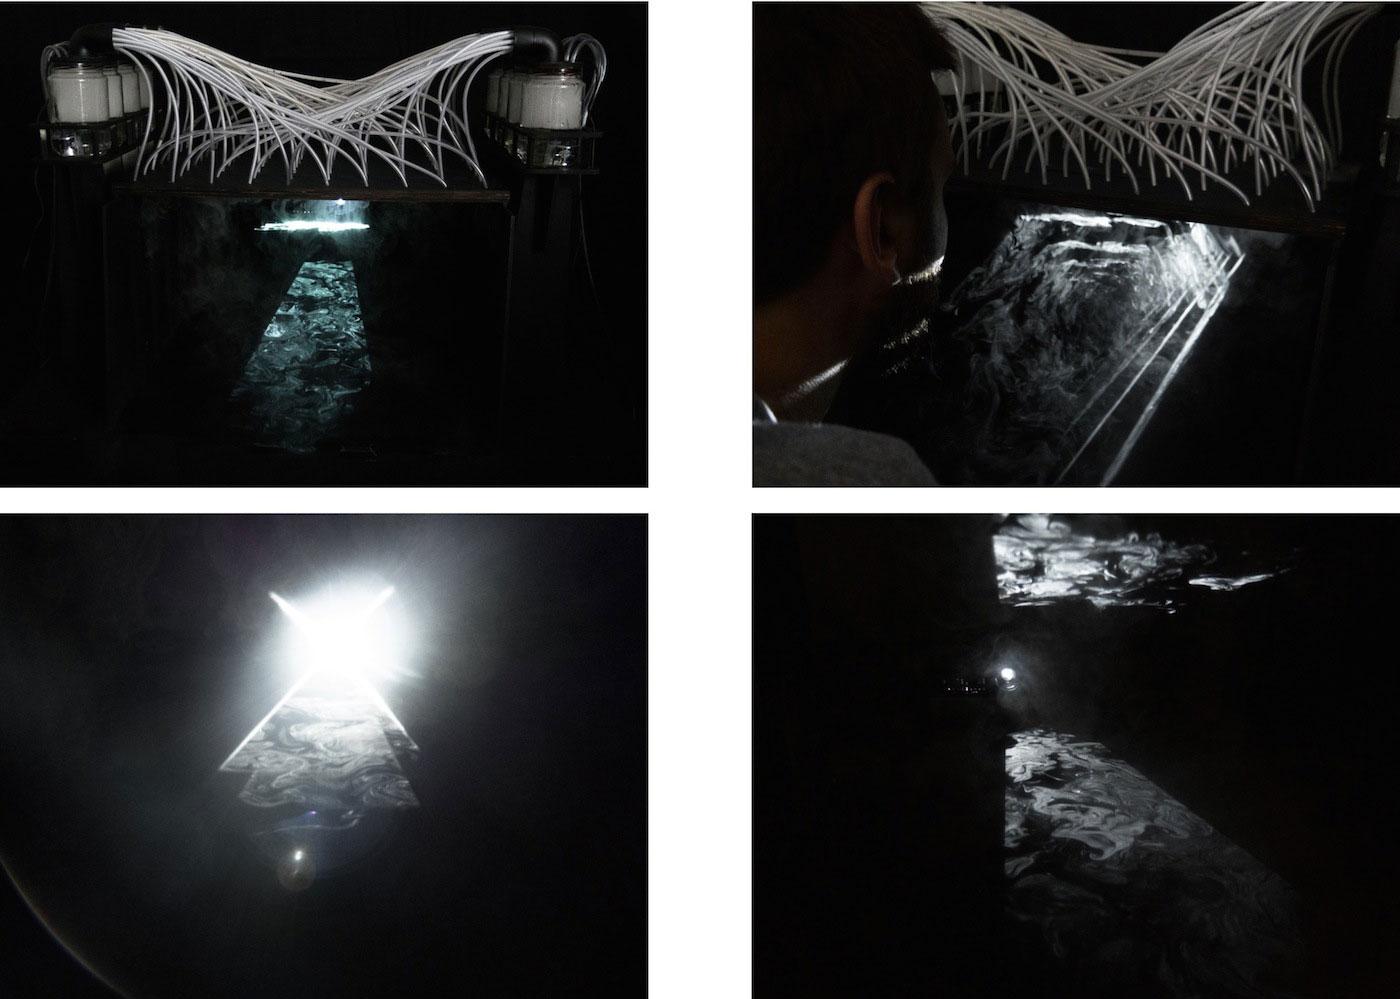 Arthur-Baude_brumascope-2_Transnumeriques_Mons2015_Videographies_Transcultures